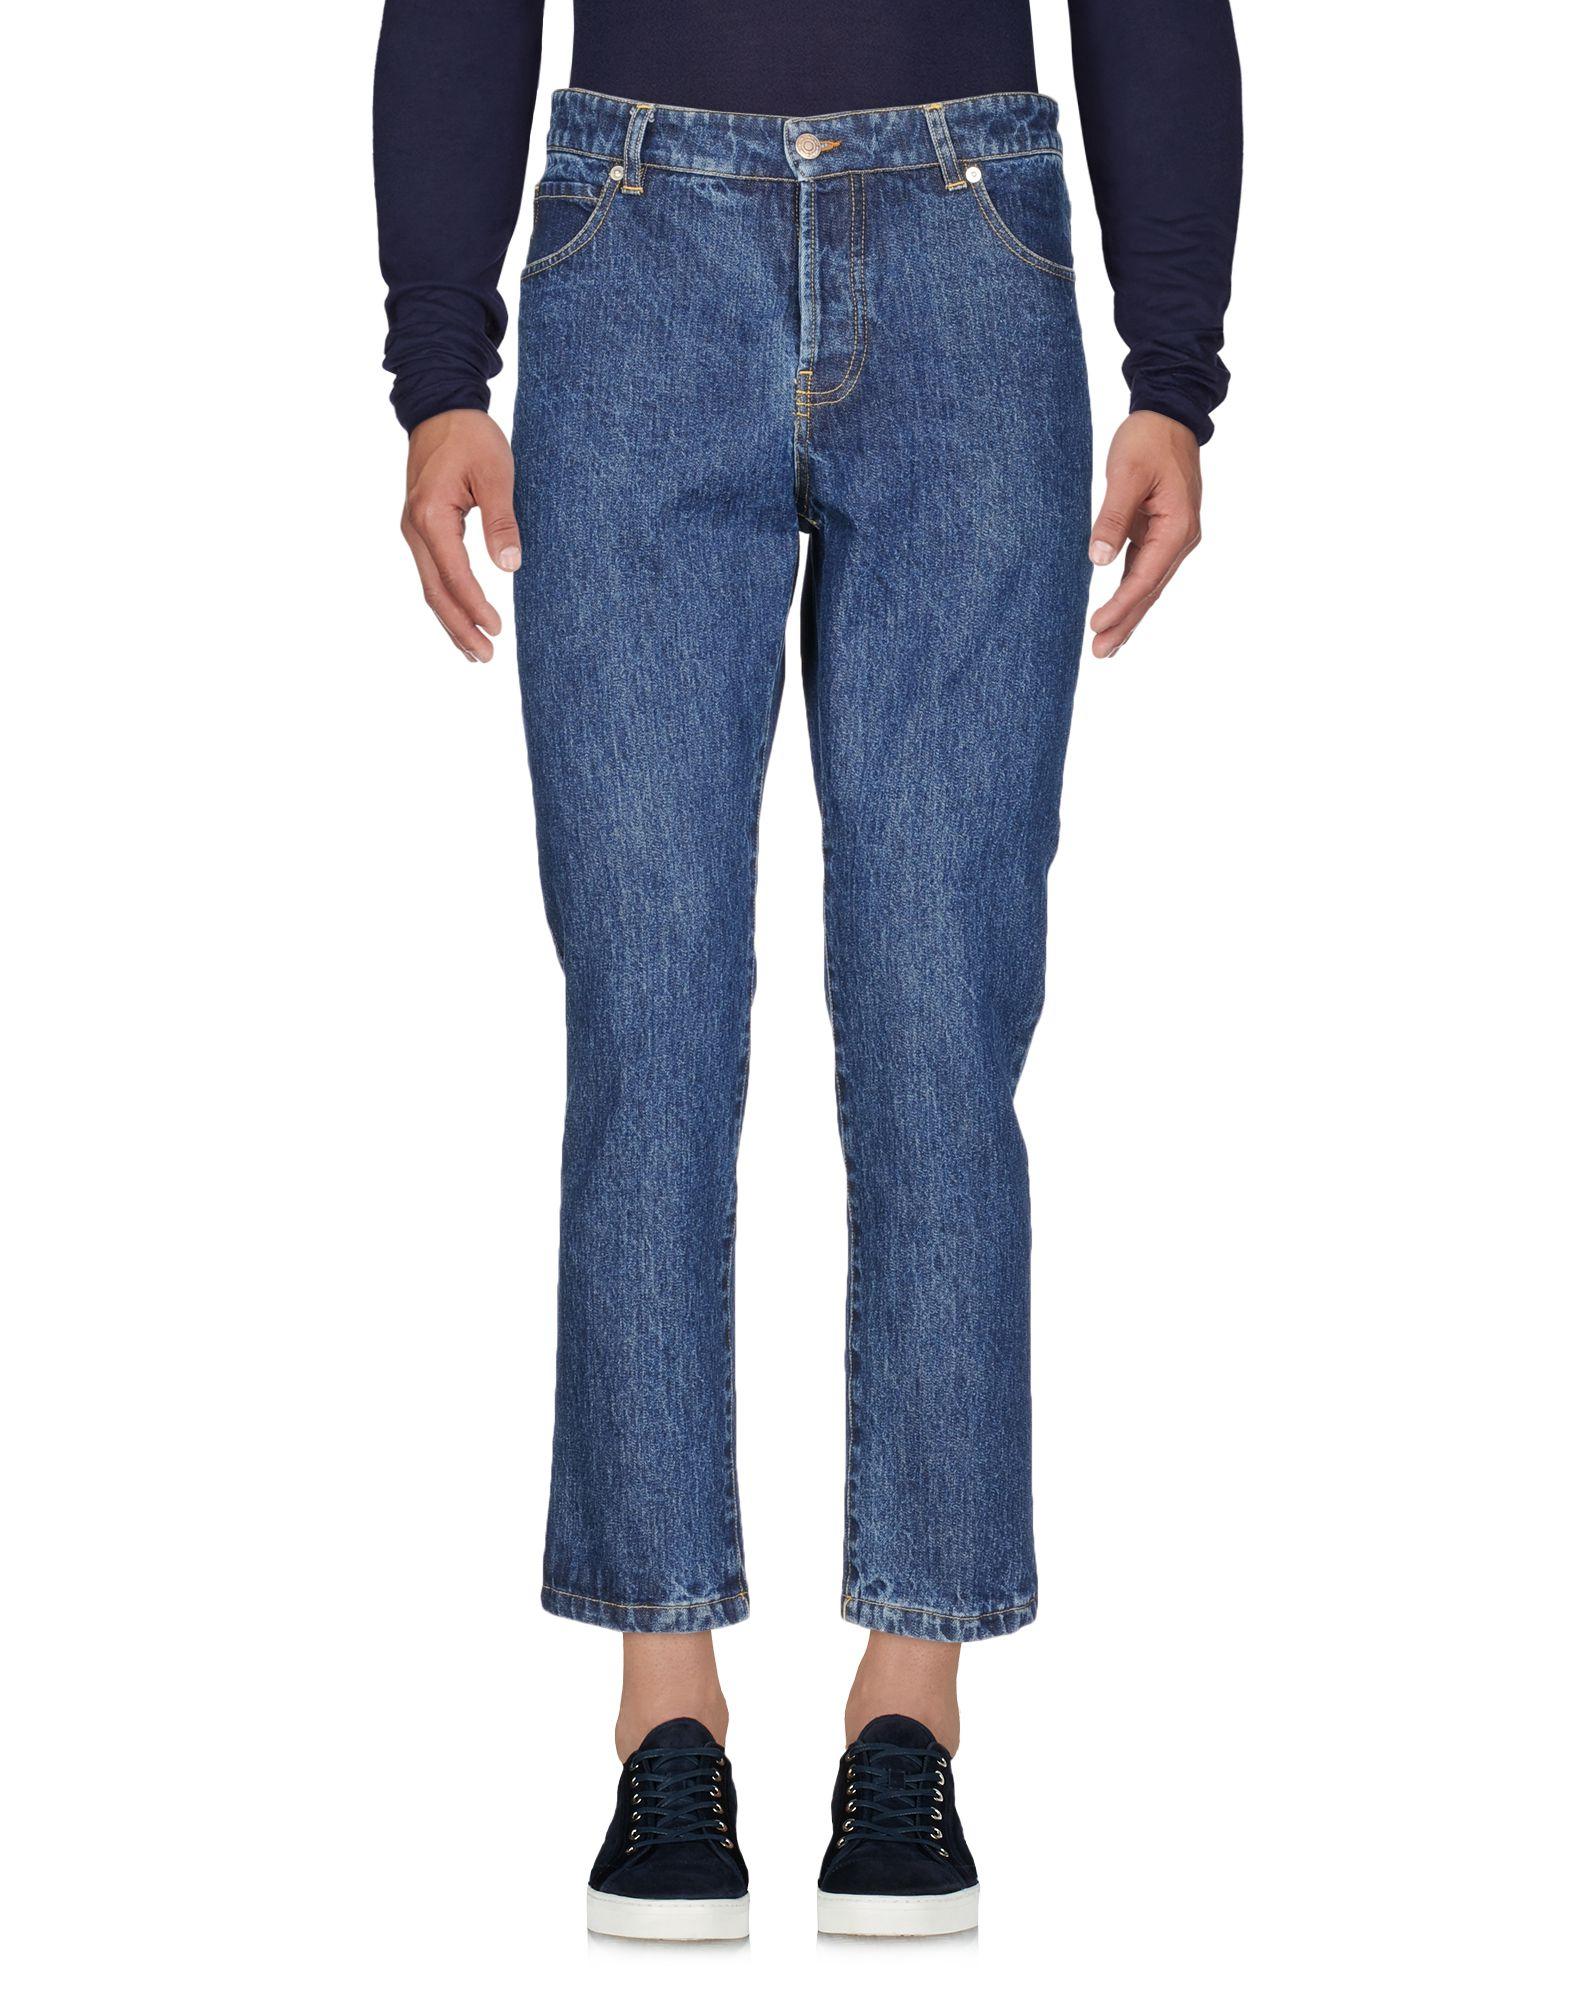 Pantaloni Jeans Jeans Pantaloni The Editor Uomo - 42683134ID 313d2c